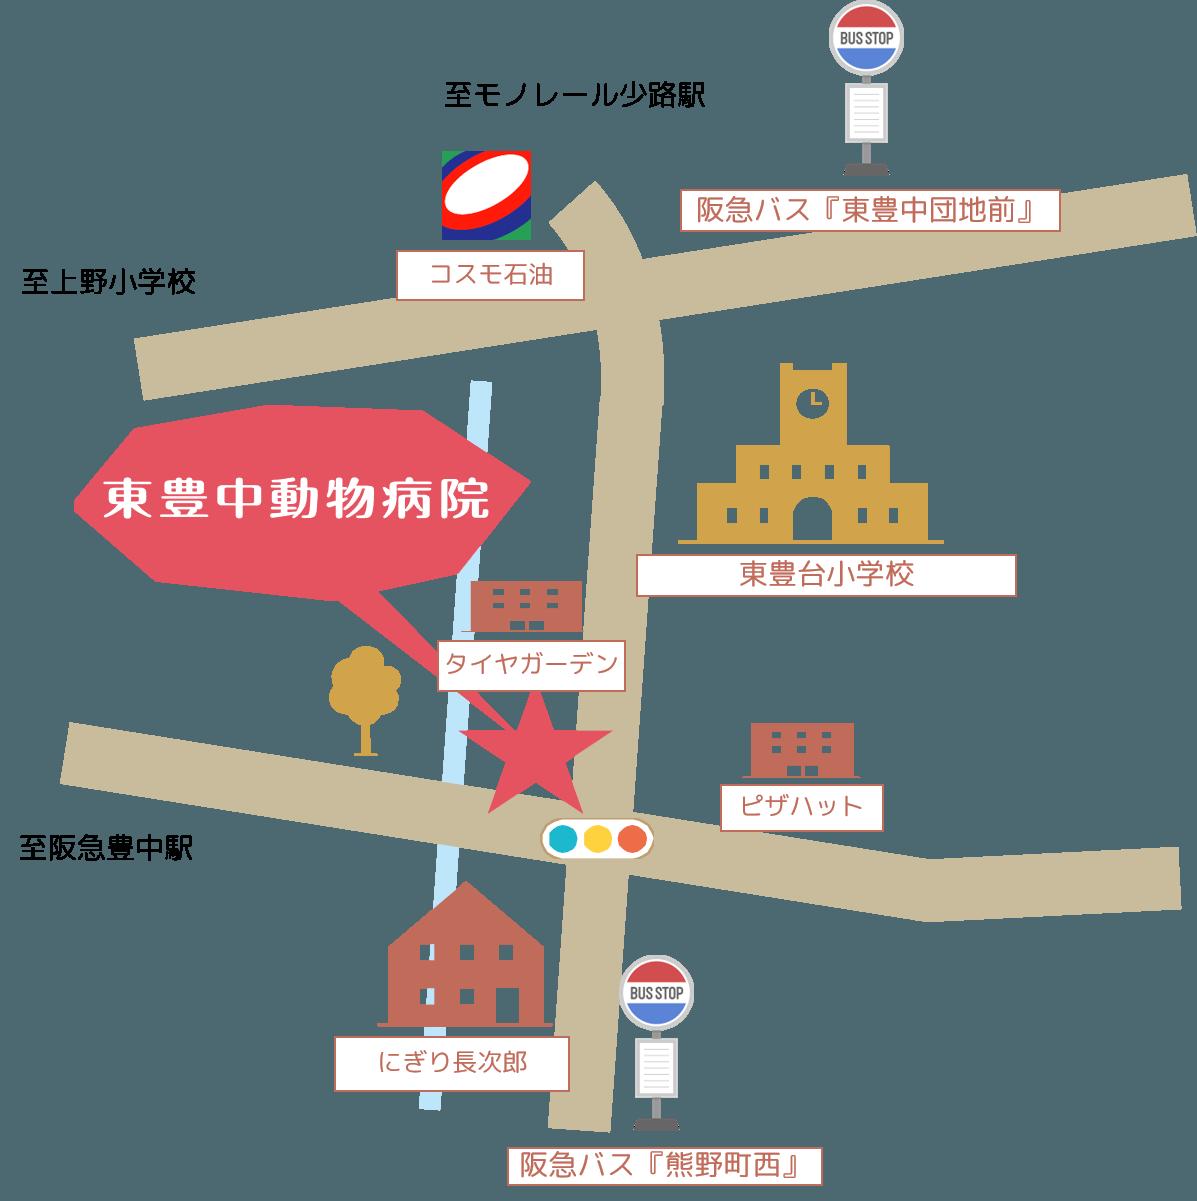 東豊中動物病院への行き方